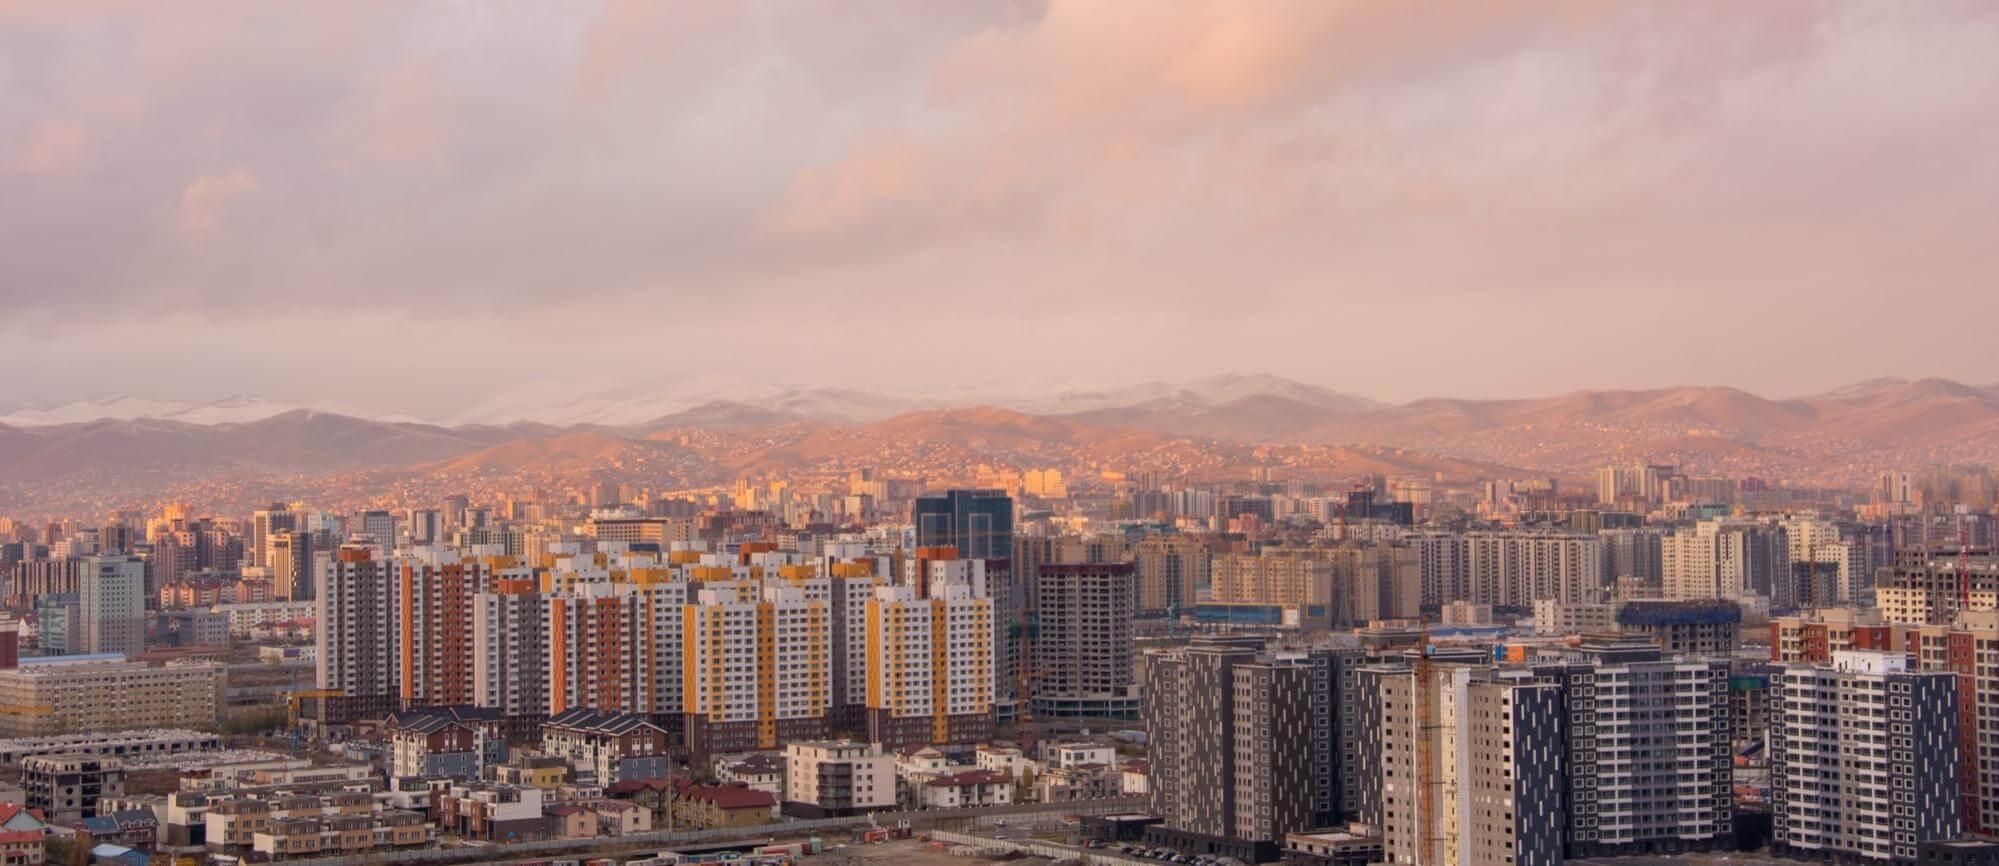 Улан-Батор — «новый Тбилиси»: рассказываем о городе за 2 минуты